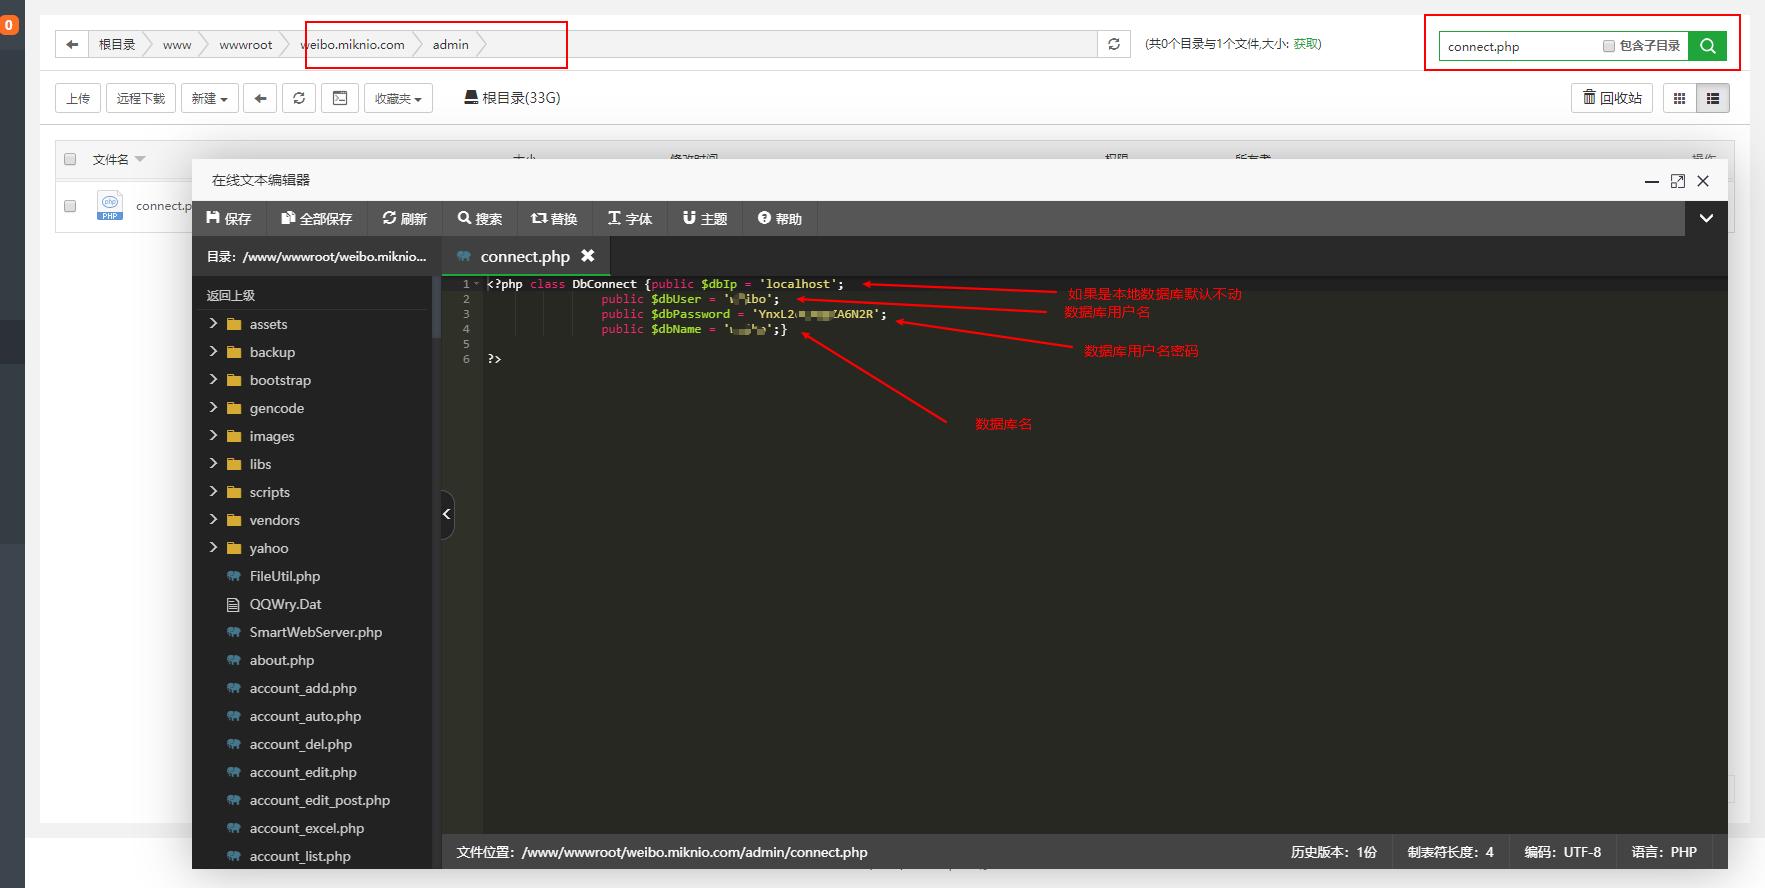 双子星IPTV管理系统搭建教程-常网小站Miknio